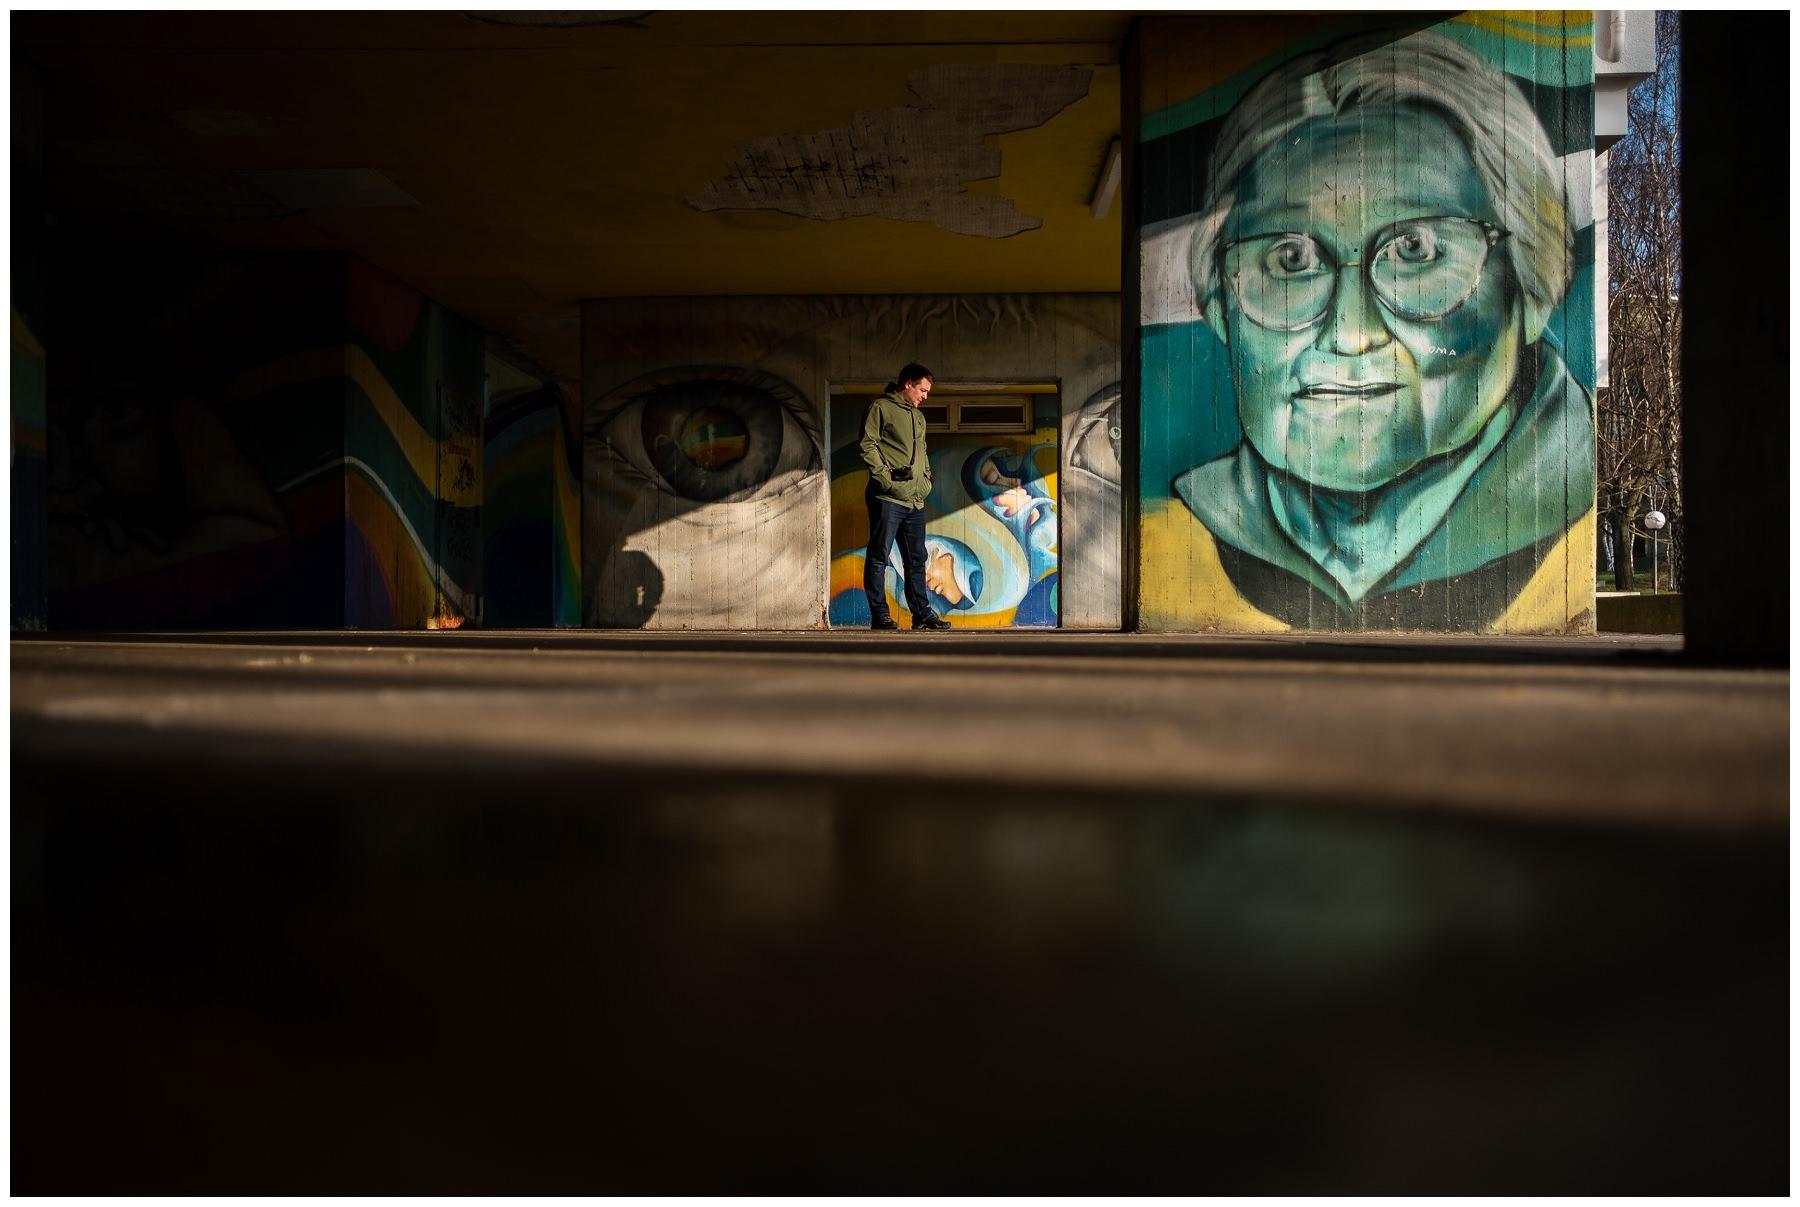 street graffiti portrait